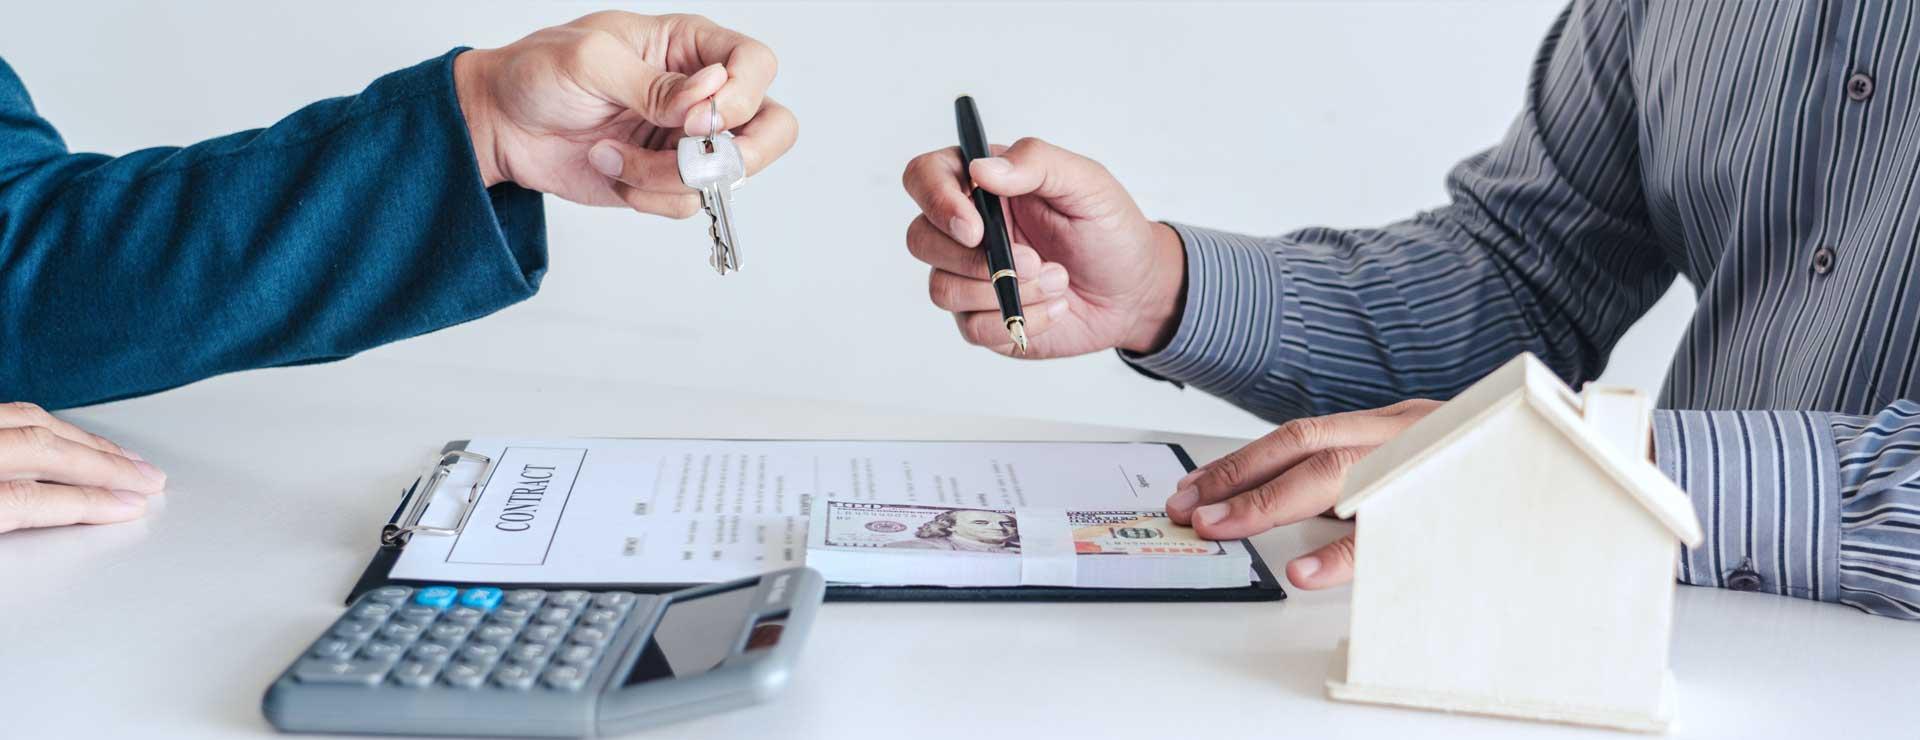 Vertragsunterzeichnung und Schlüsselübergabe